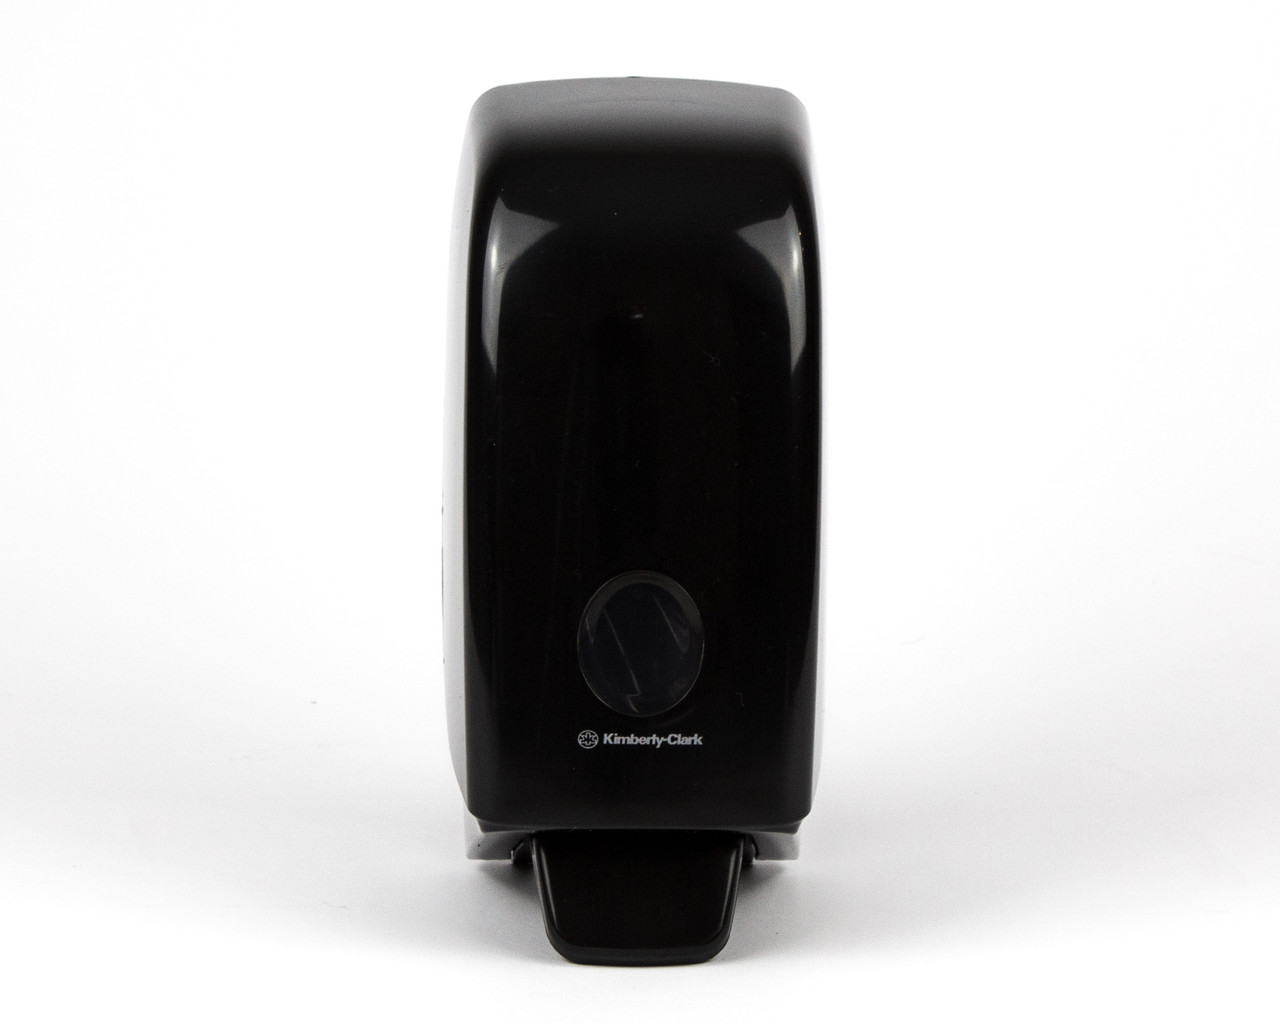 Діспенсер пластиковий чорний для пінного та рідкого мила в картіджах 1 л Kimberly-Clark